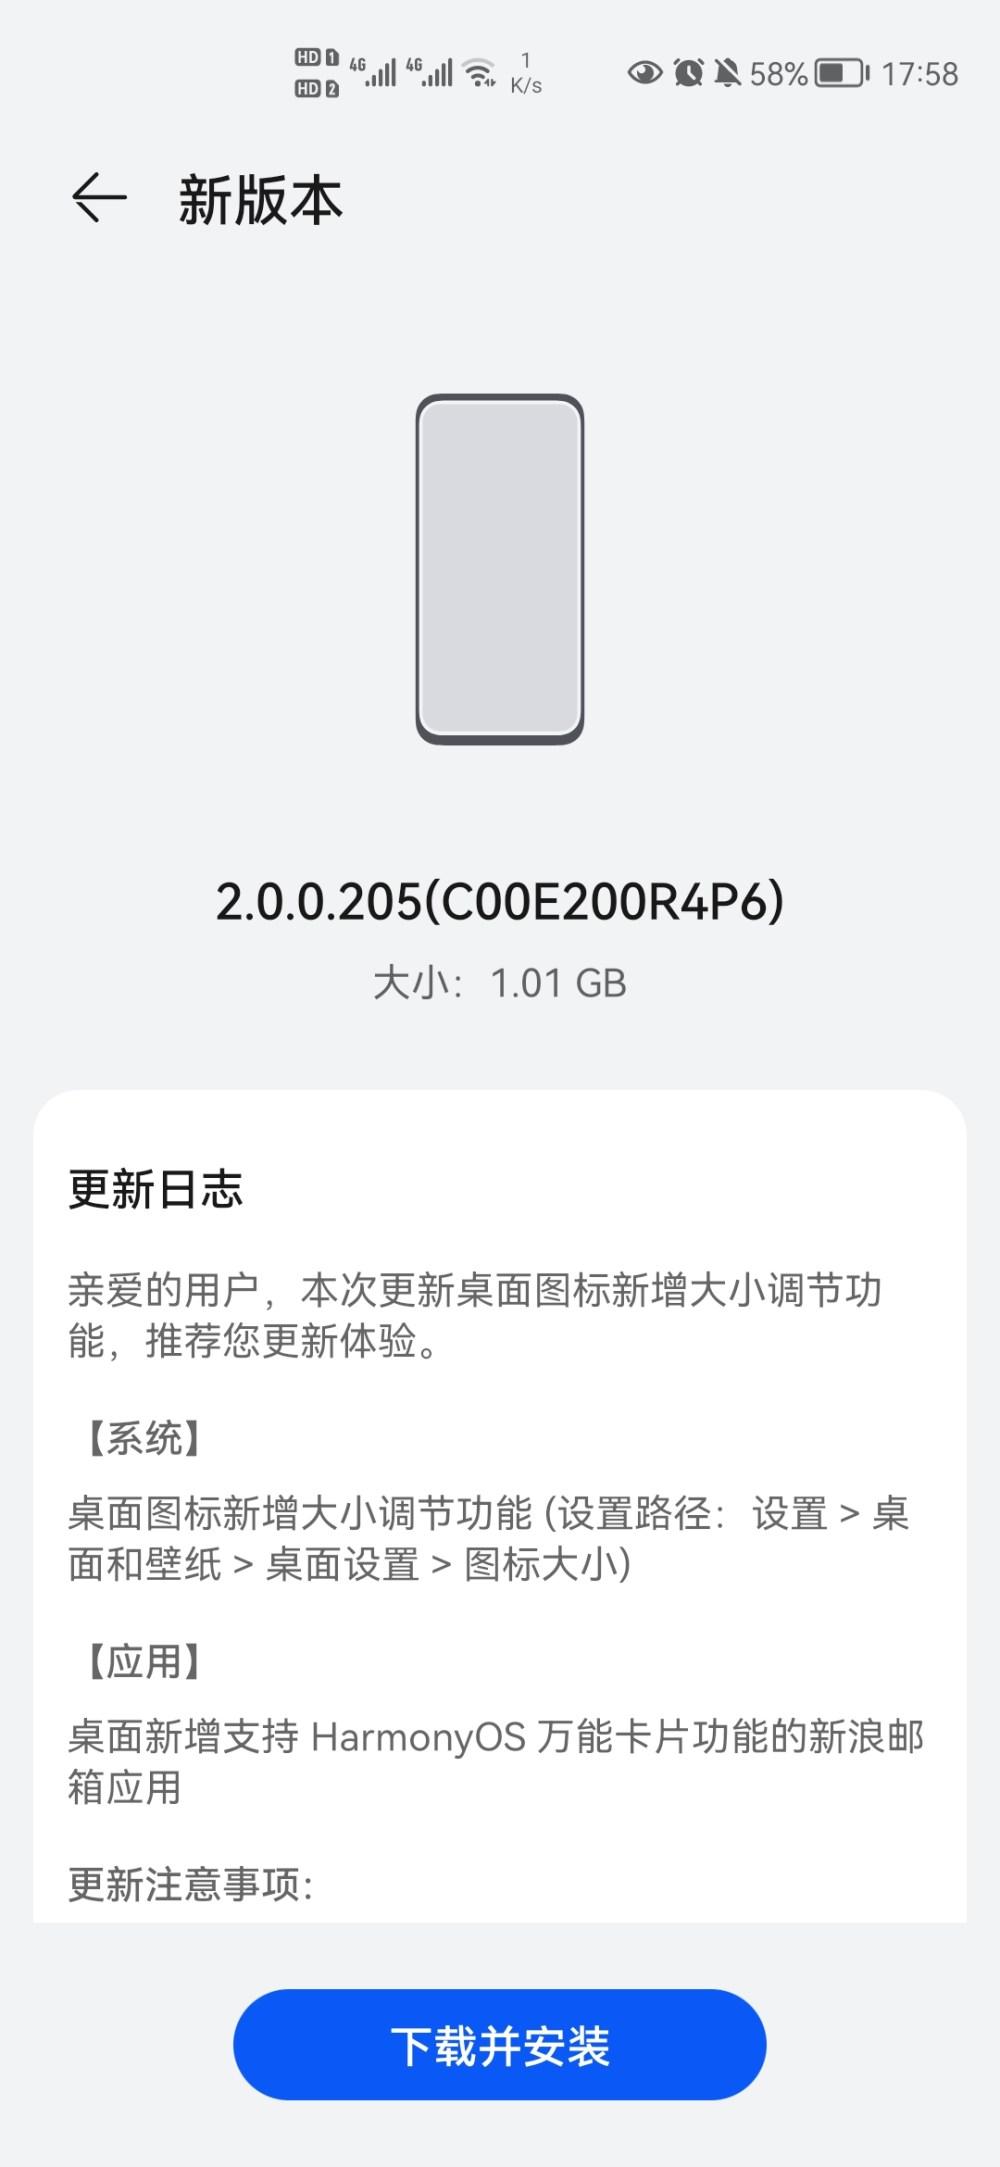 Huawei P40 5G HarmonyOS 2.0.0.205 beta